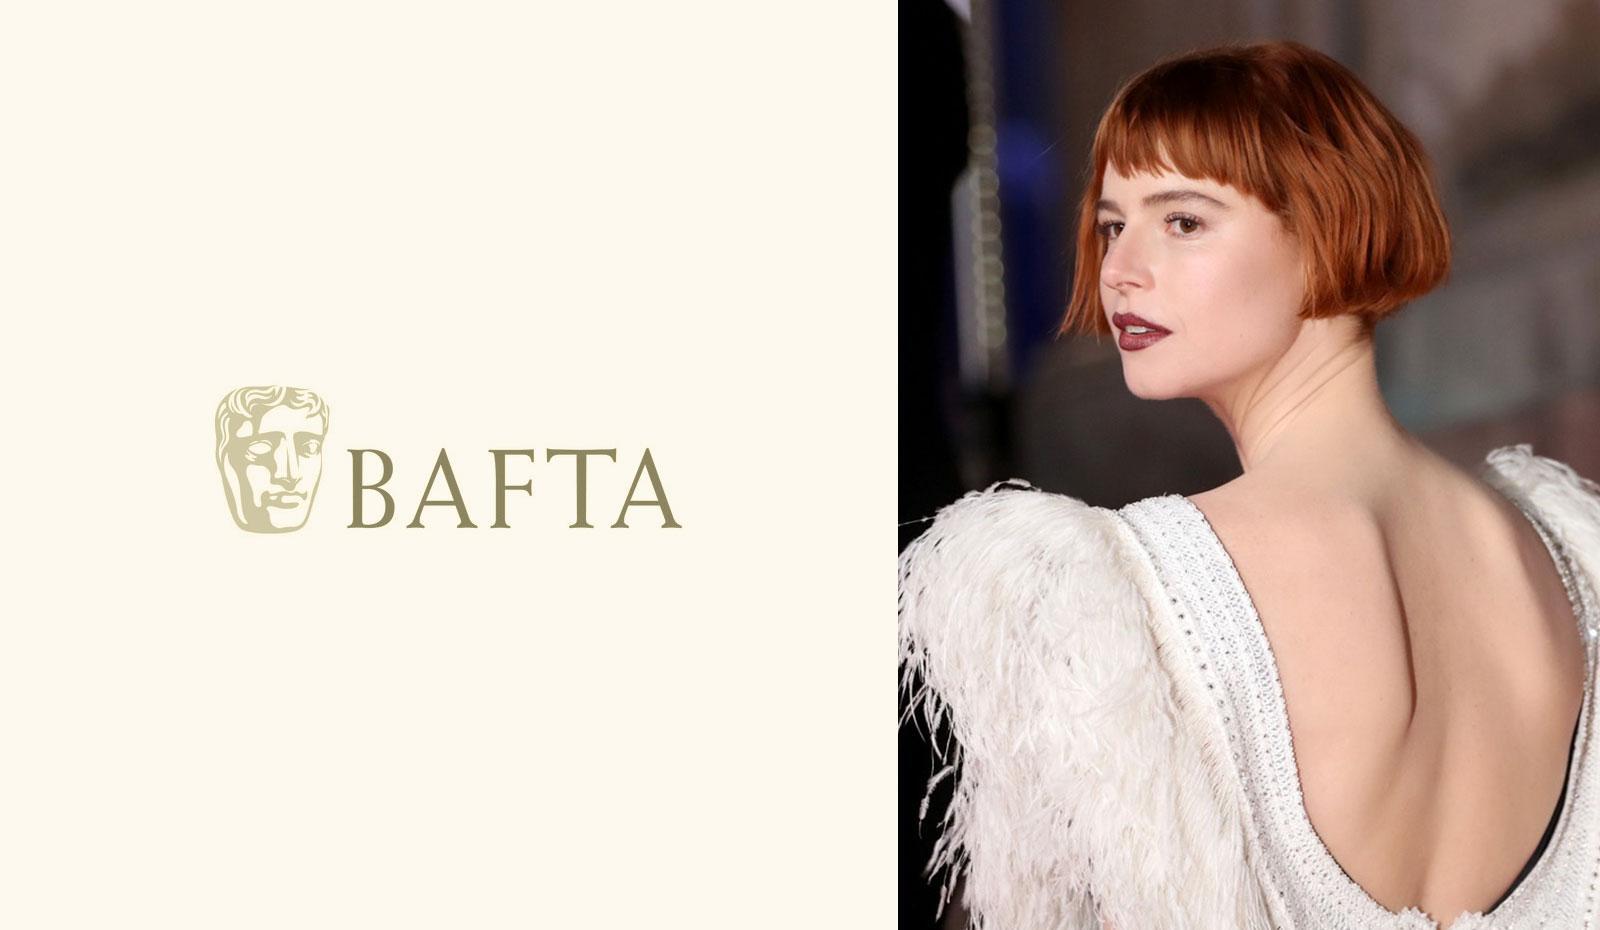 2020 British Film Academy Awards: Jessie Buckley's Texturized Bob